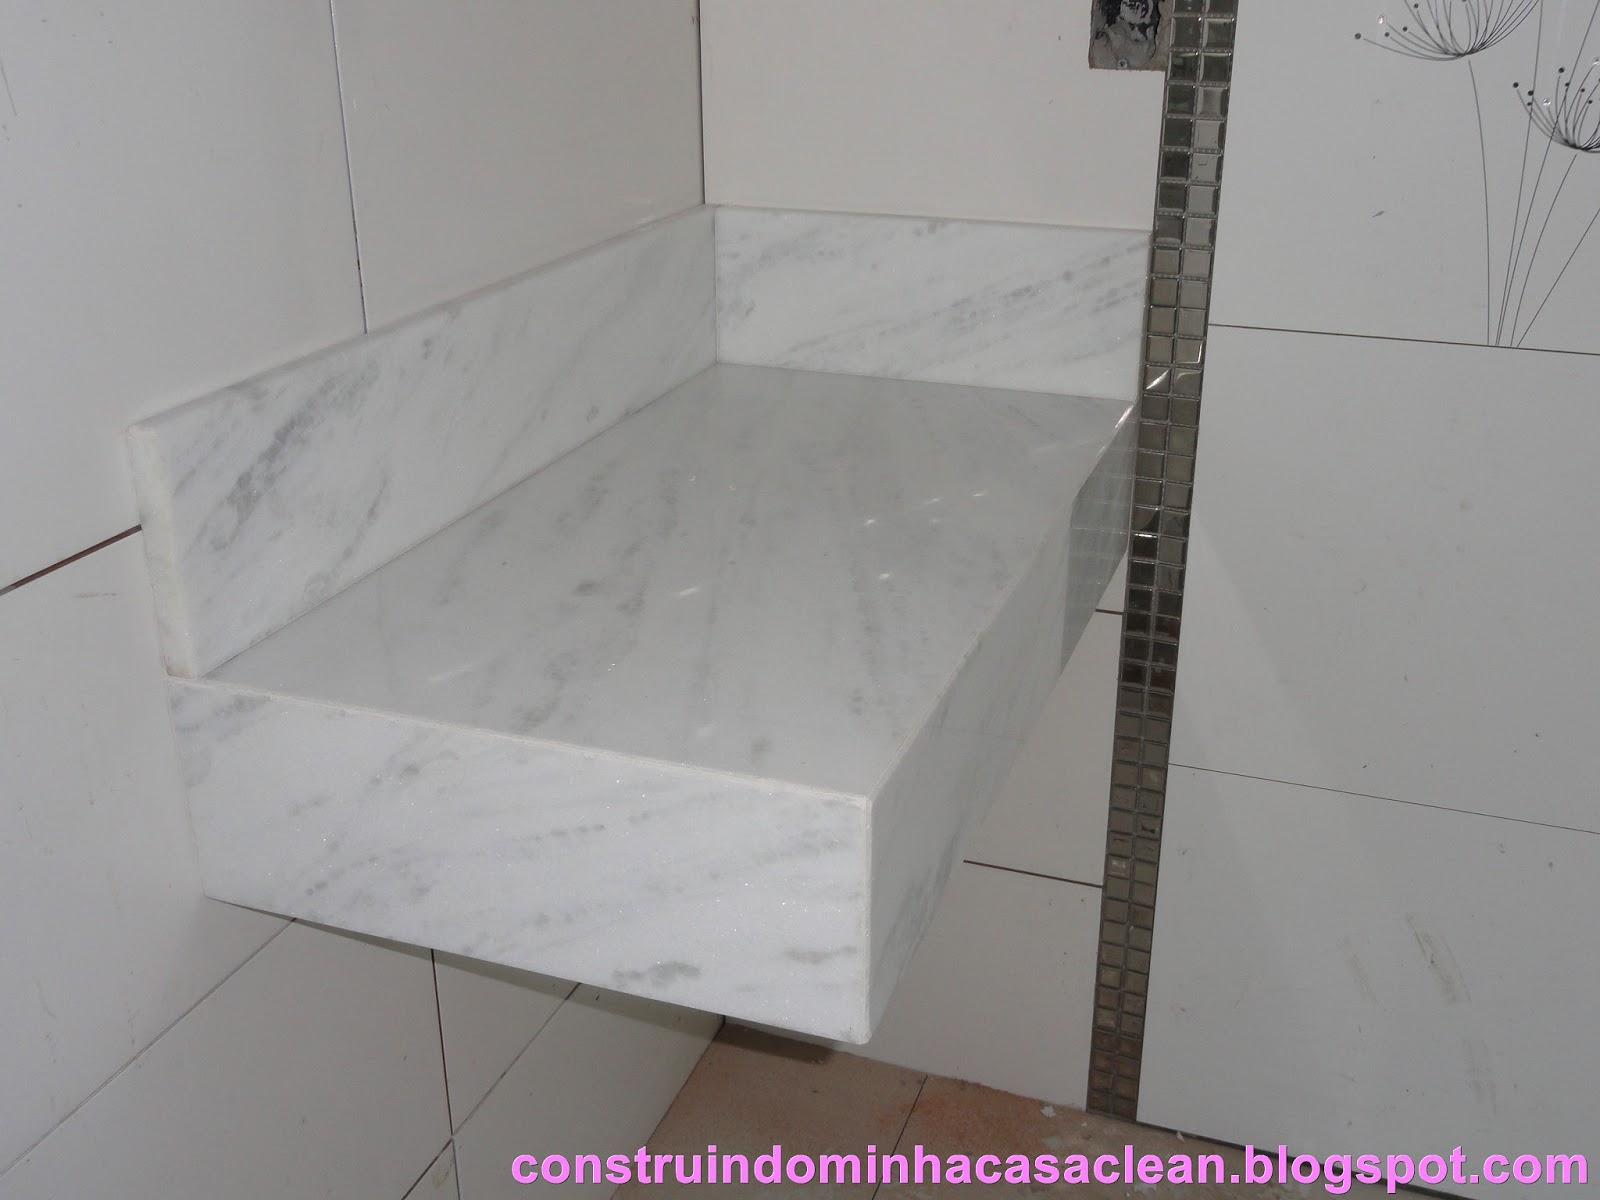 Minha bancada branquinha!! Foram 10 cm de saia e 10 cm de espelho o  #9E2D9C 1600x1200 Banheiro Com Bancada Branca